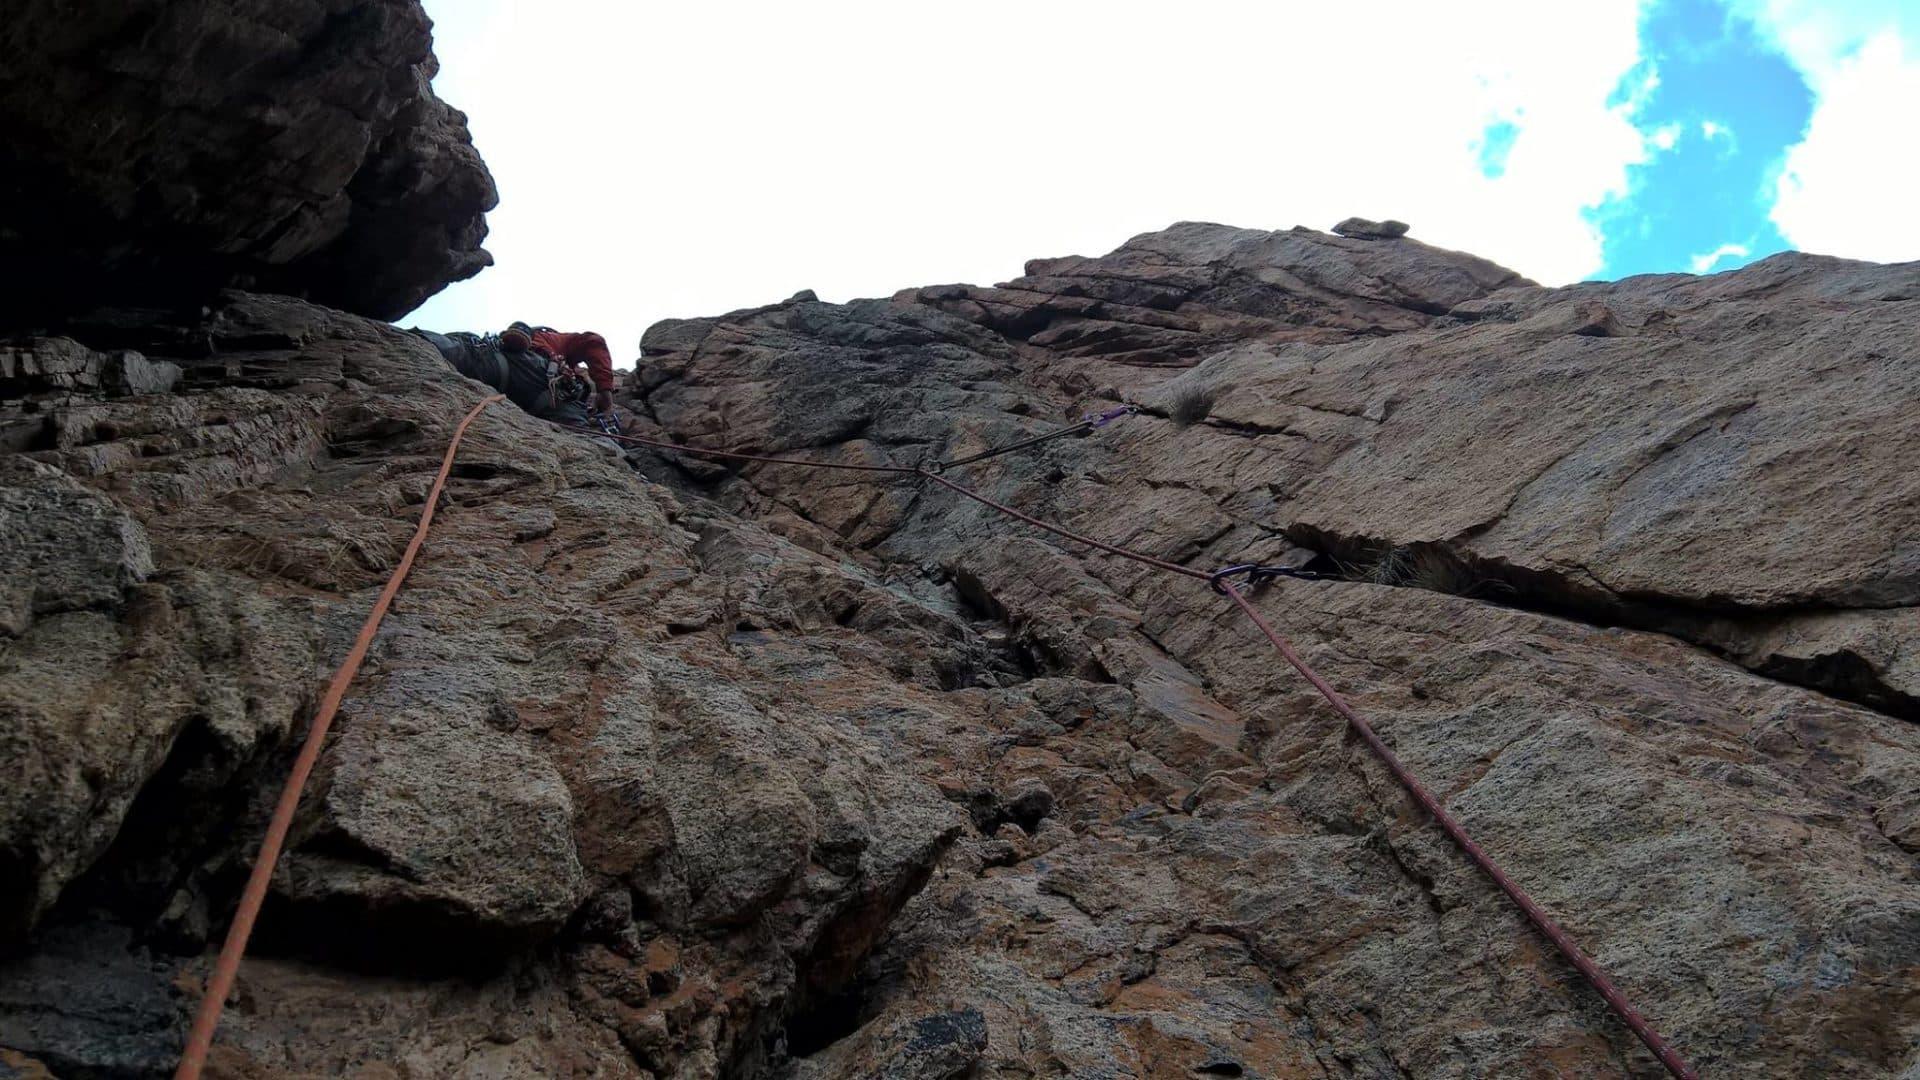 Cajón de los Arenales, Argentina, 1-day guided rock climbing trip